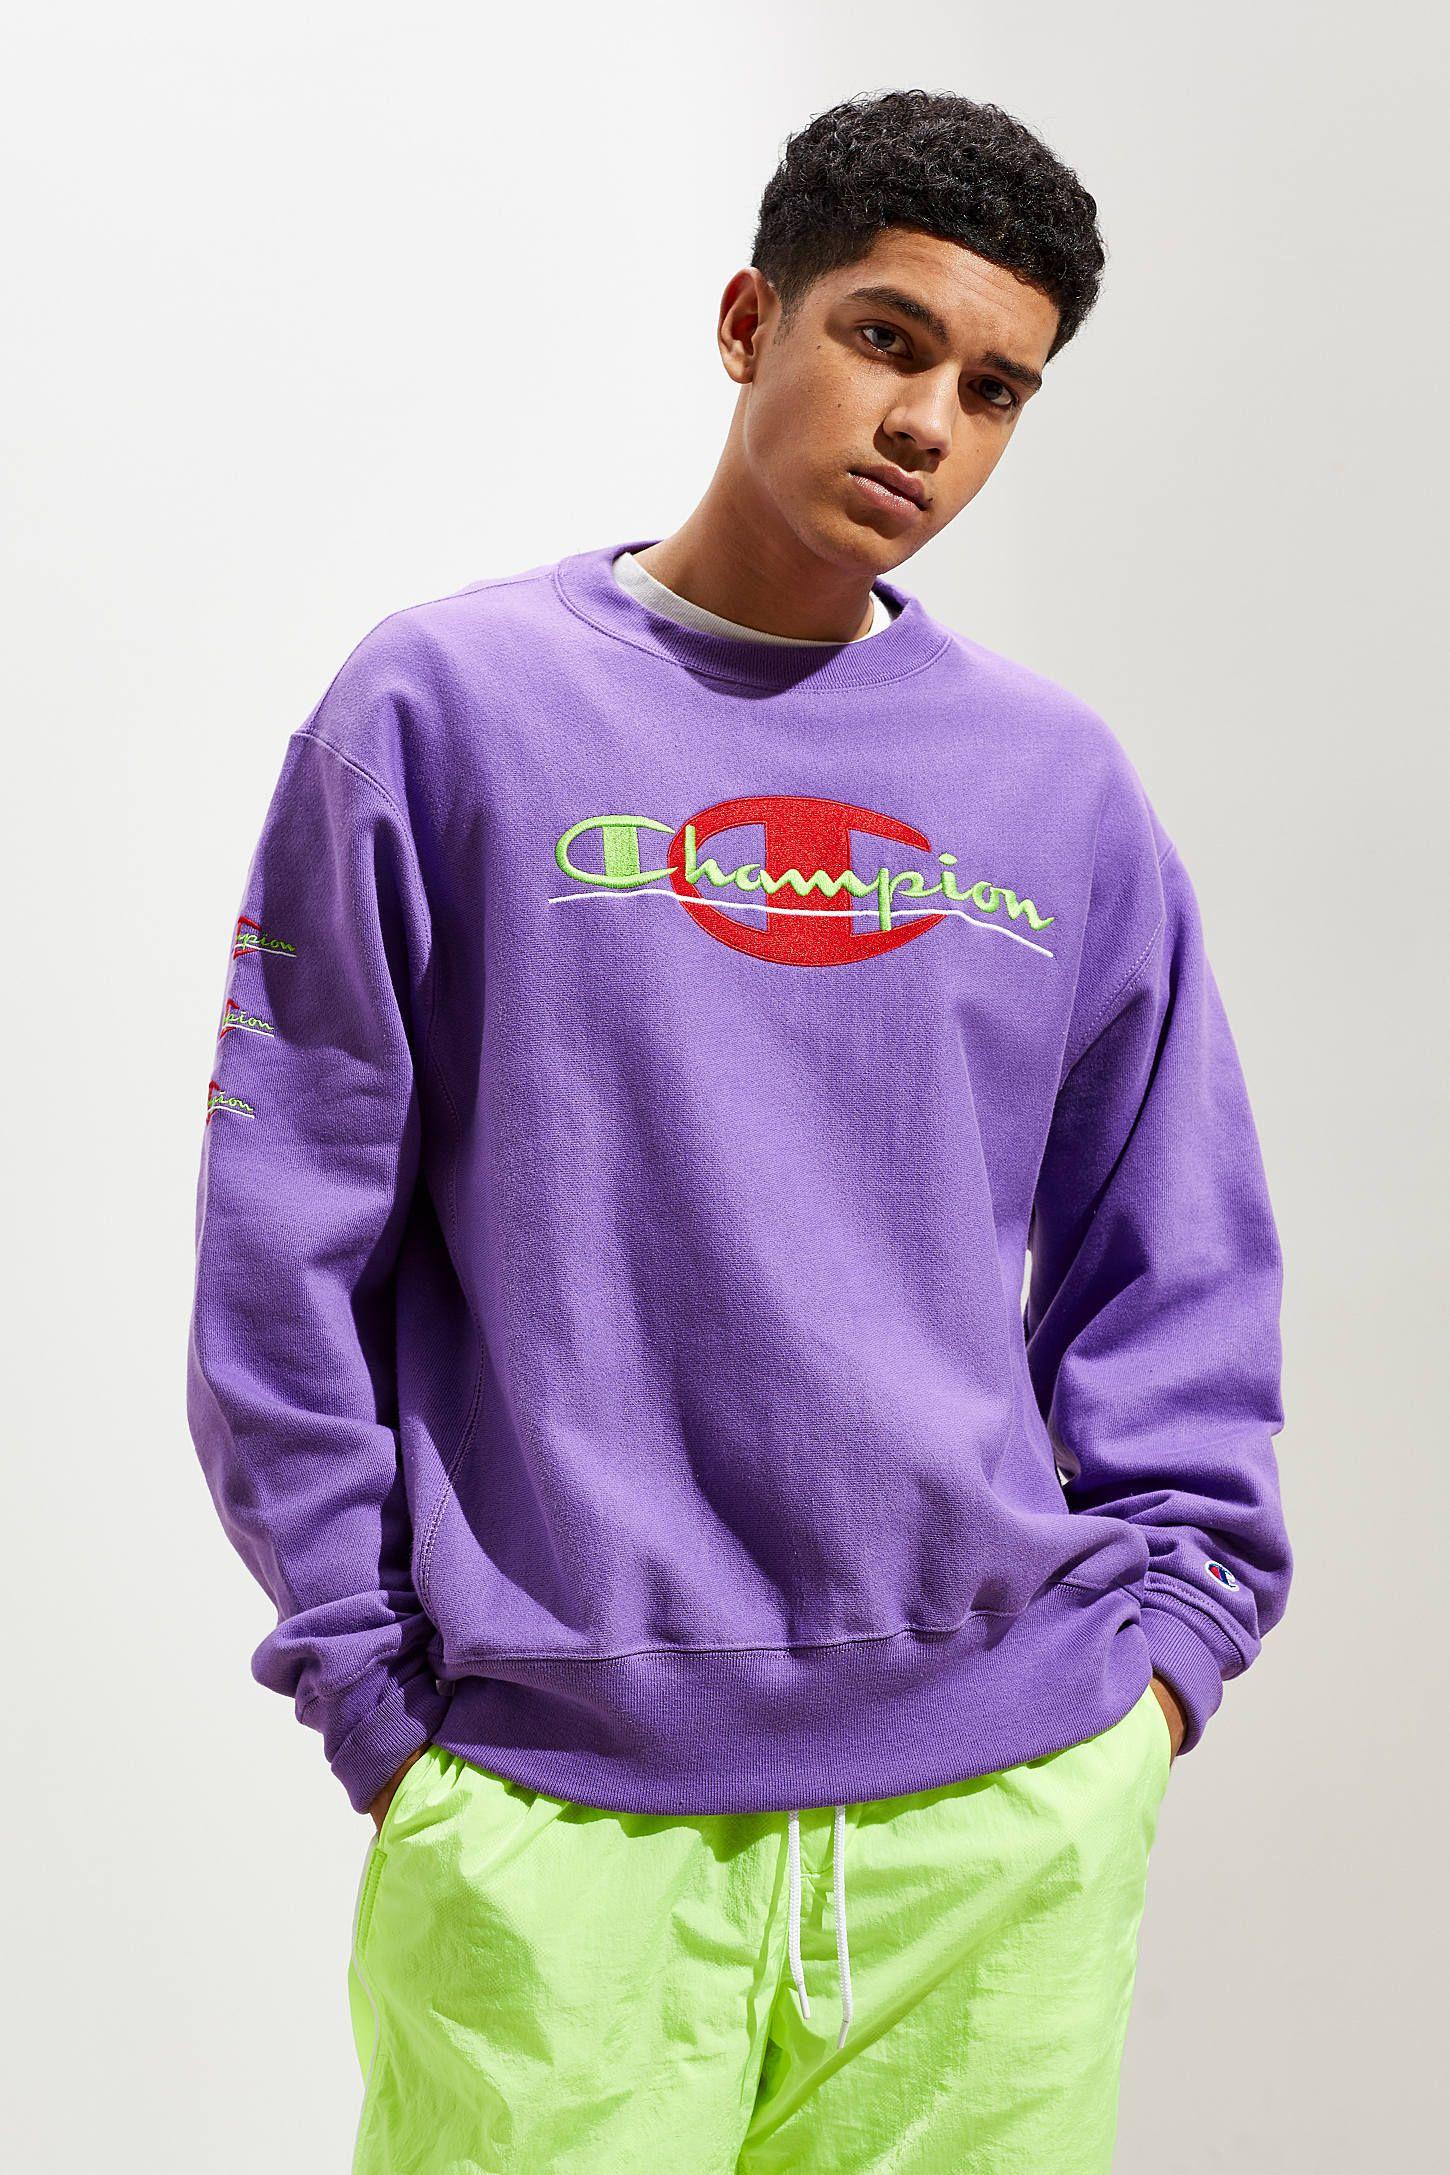 Champion Pop Colors Crew Neck Sweatshirt Crew Neck Sweatshirt Champion Clothing Sweatshirts [ 2175 x 1450 Pixel ]